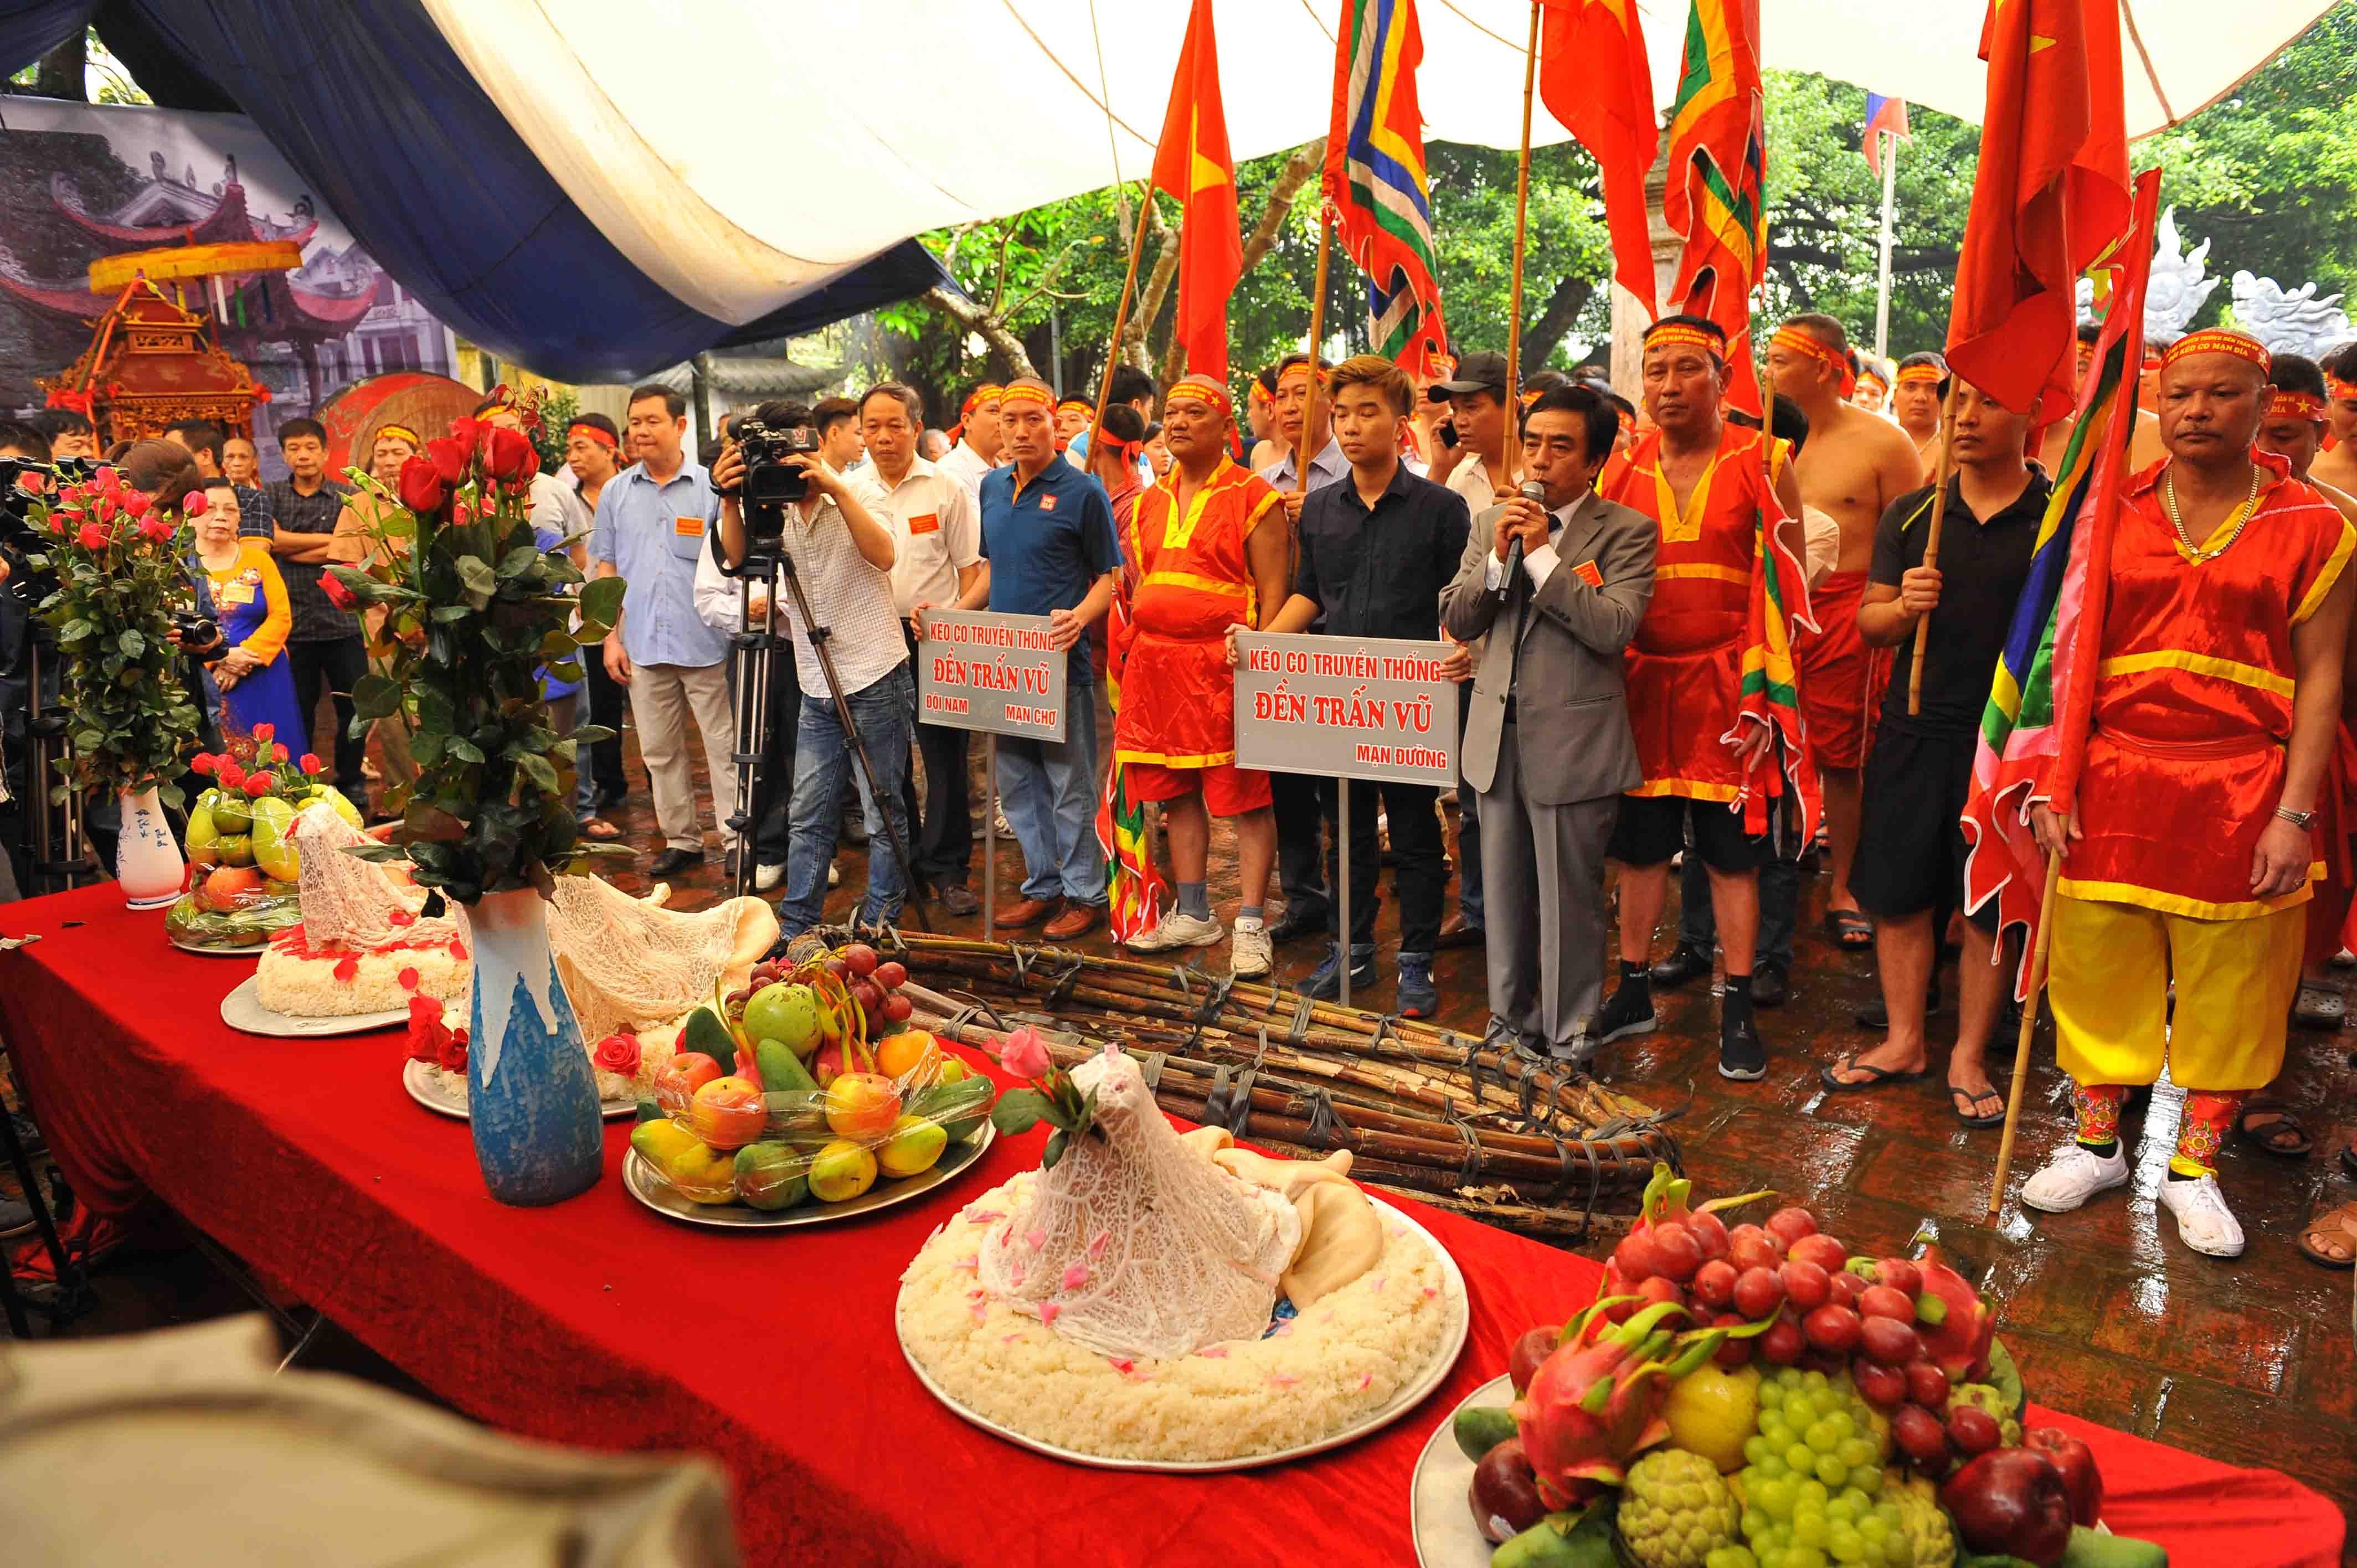 Hội kéo song mây, một trong những điểm nhấn không thể thiếu của lễ hội đền Trấn Vũ hàng năm (Ảnh: Đức Vũ)